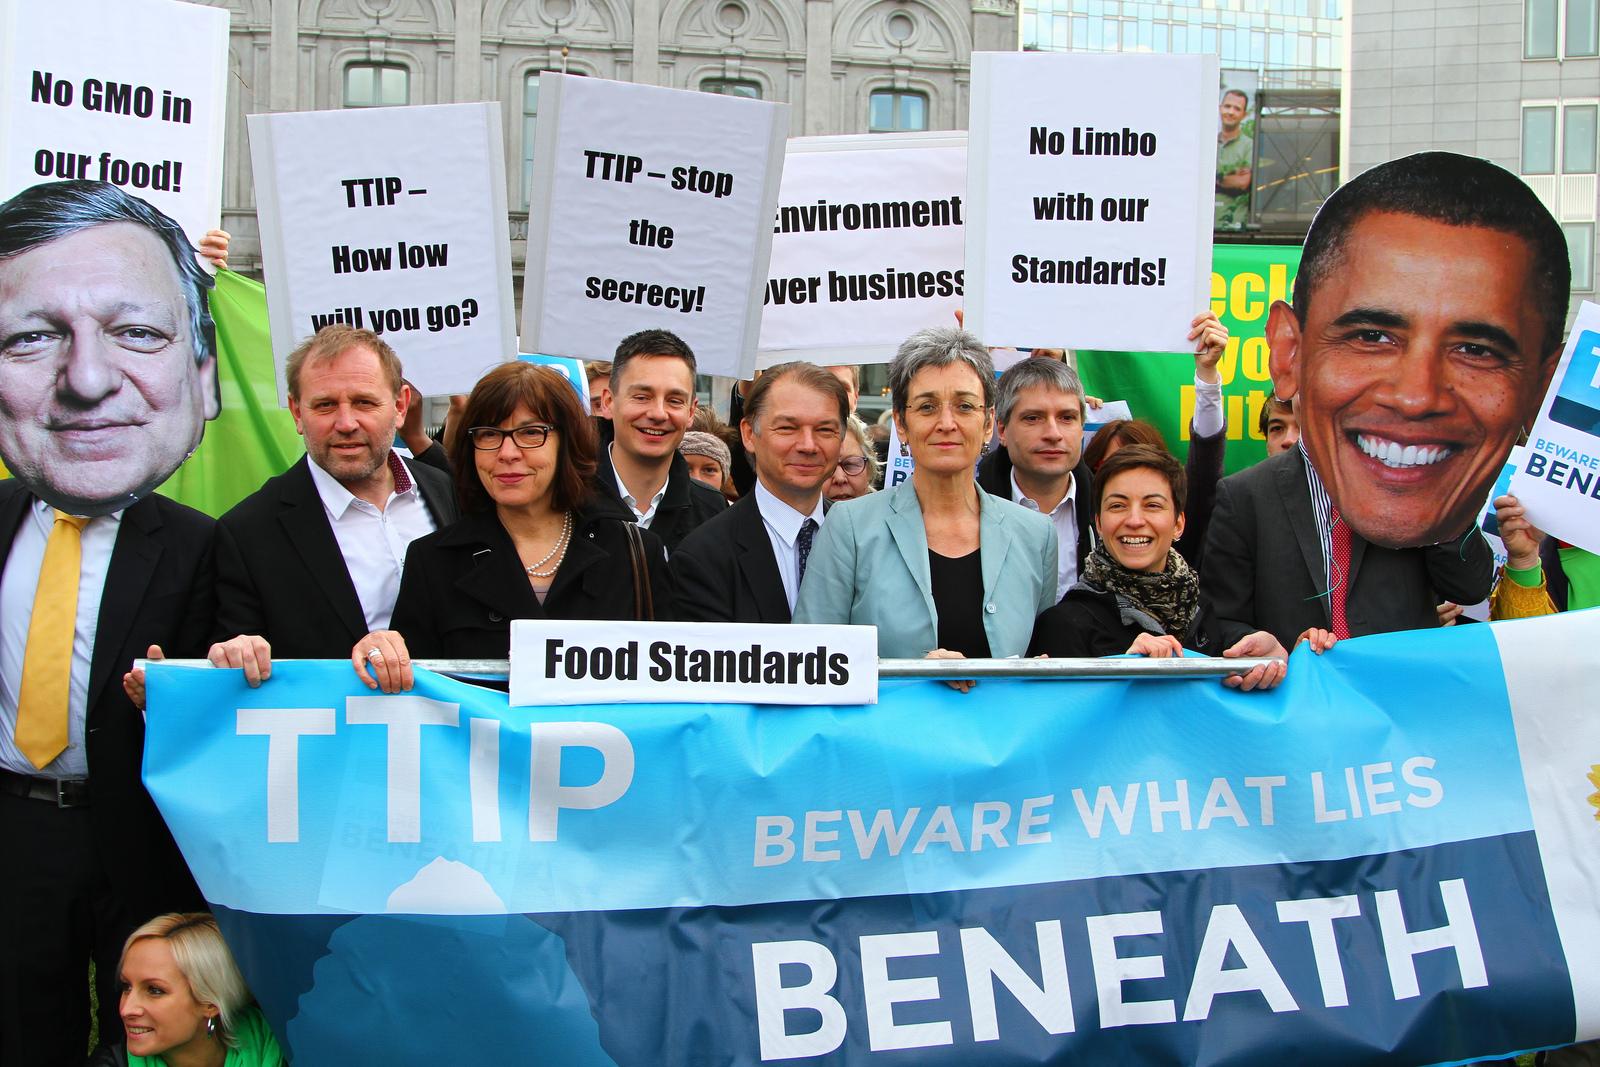 Protesten tegen de TTIP in Brussel, maart 2013